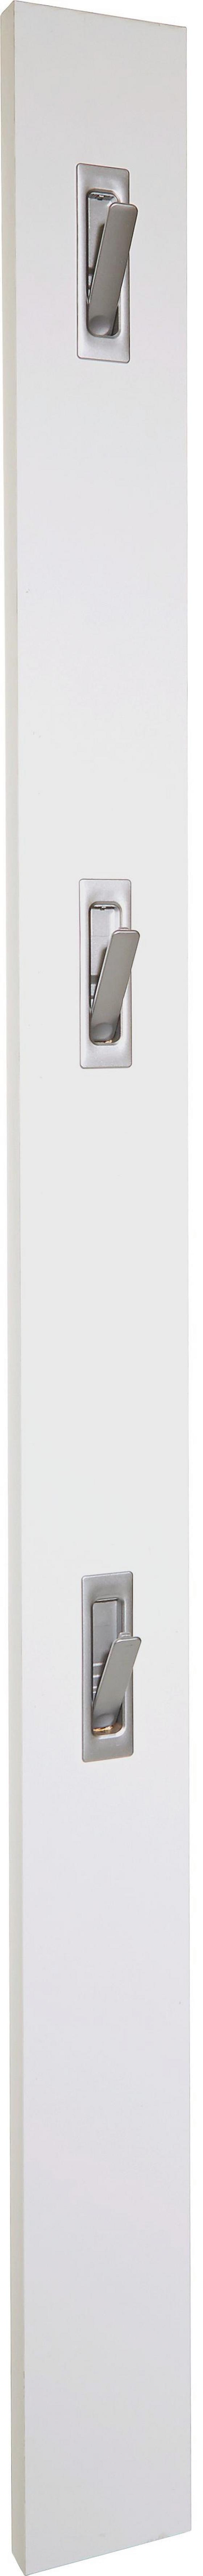 Garderobenleiste Enzo - Weiß, MODERN, Holzwerkstoff (12/175/2,8cm)